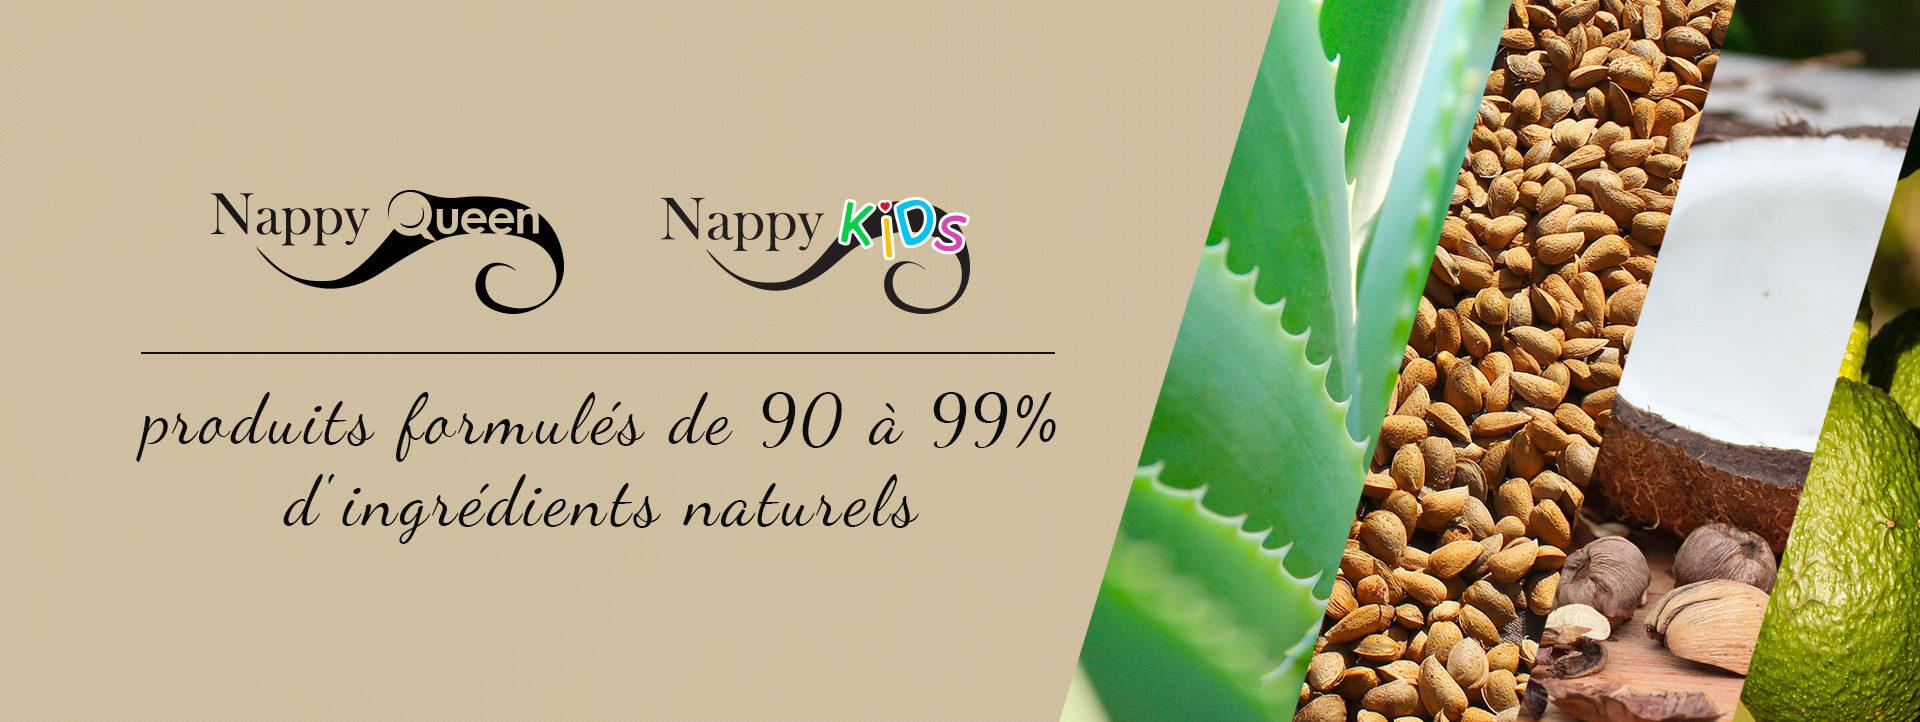 Nappy Queen Produits naturels